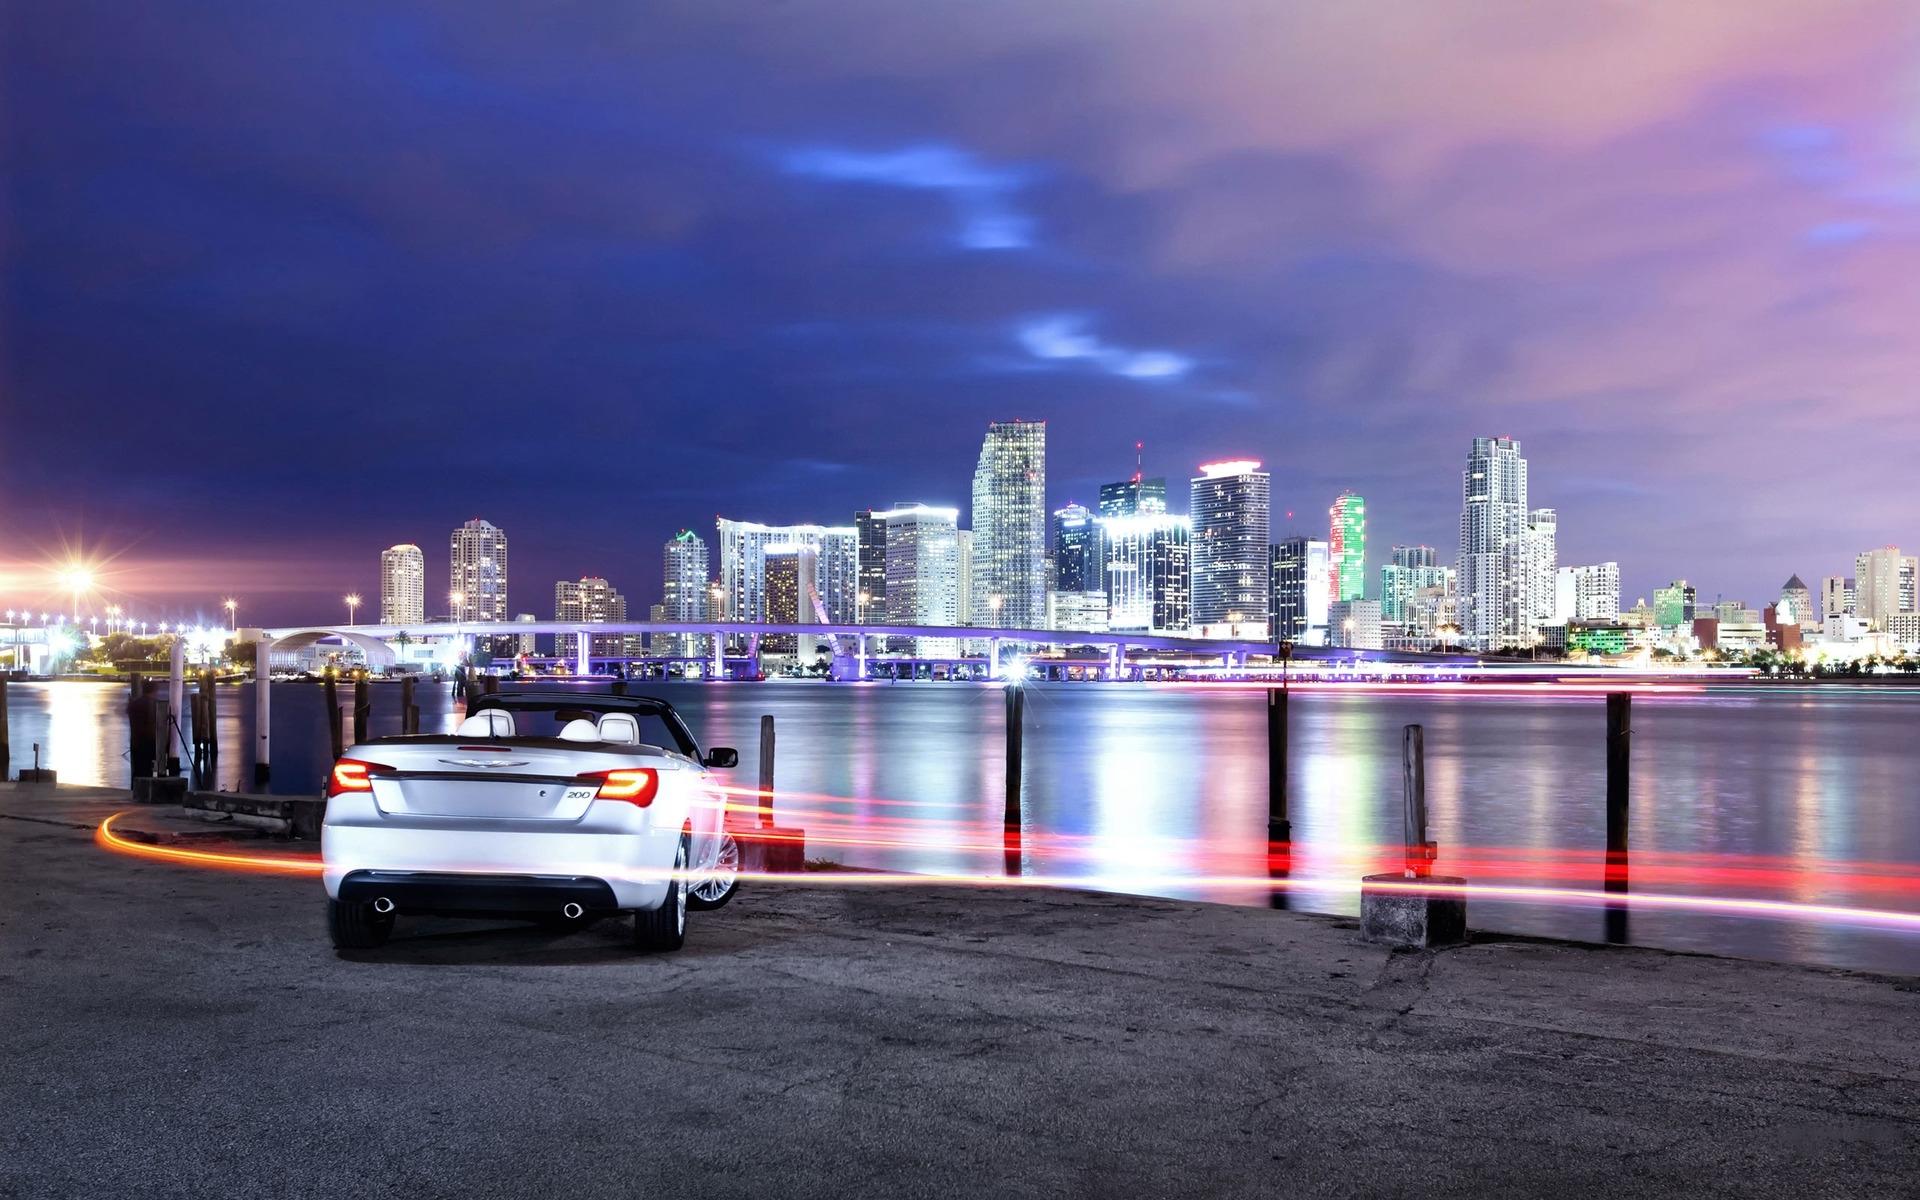 26156 скачать обои Транспорт, Пейзаж, Города, Машины, Ночь - заставки и картинки бесплатно